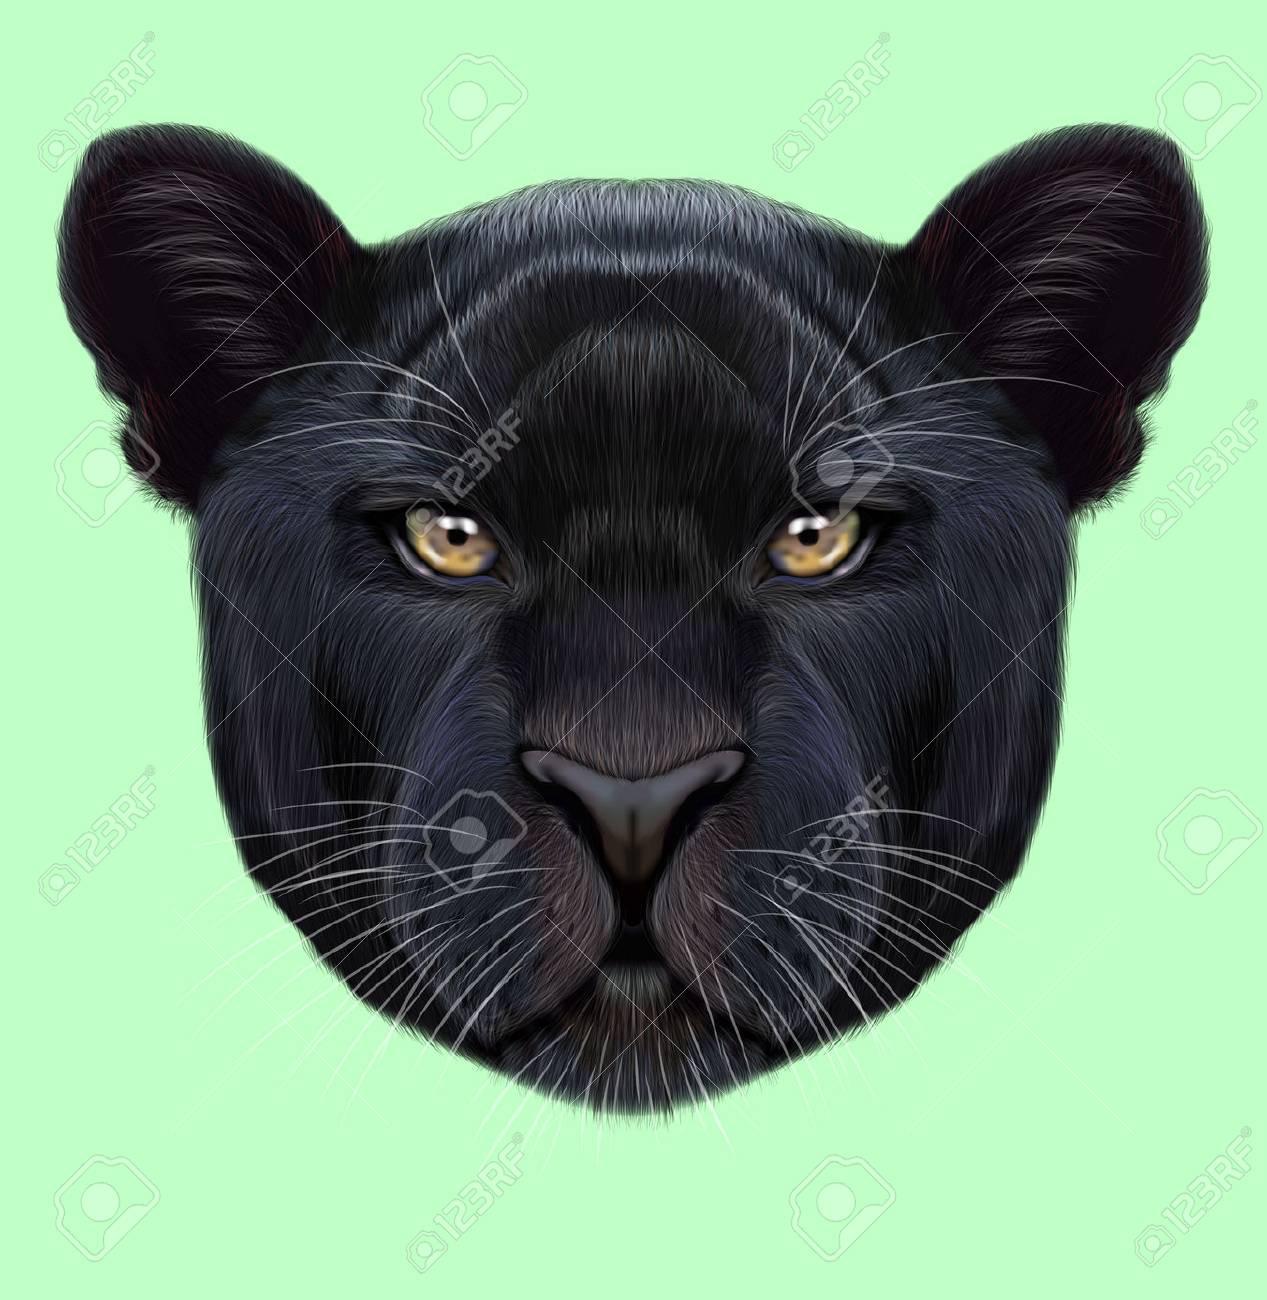 Portrait Illustre De Panthere Noire Visage Moelleux Mignon De Big